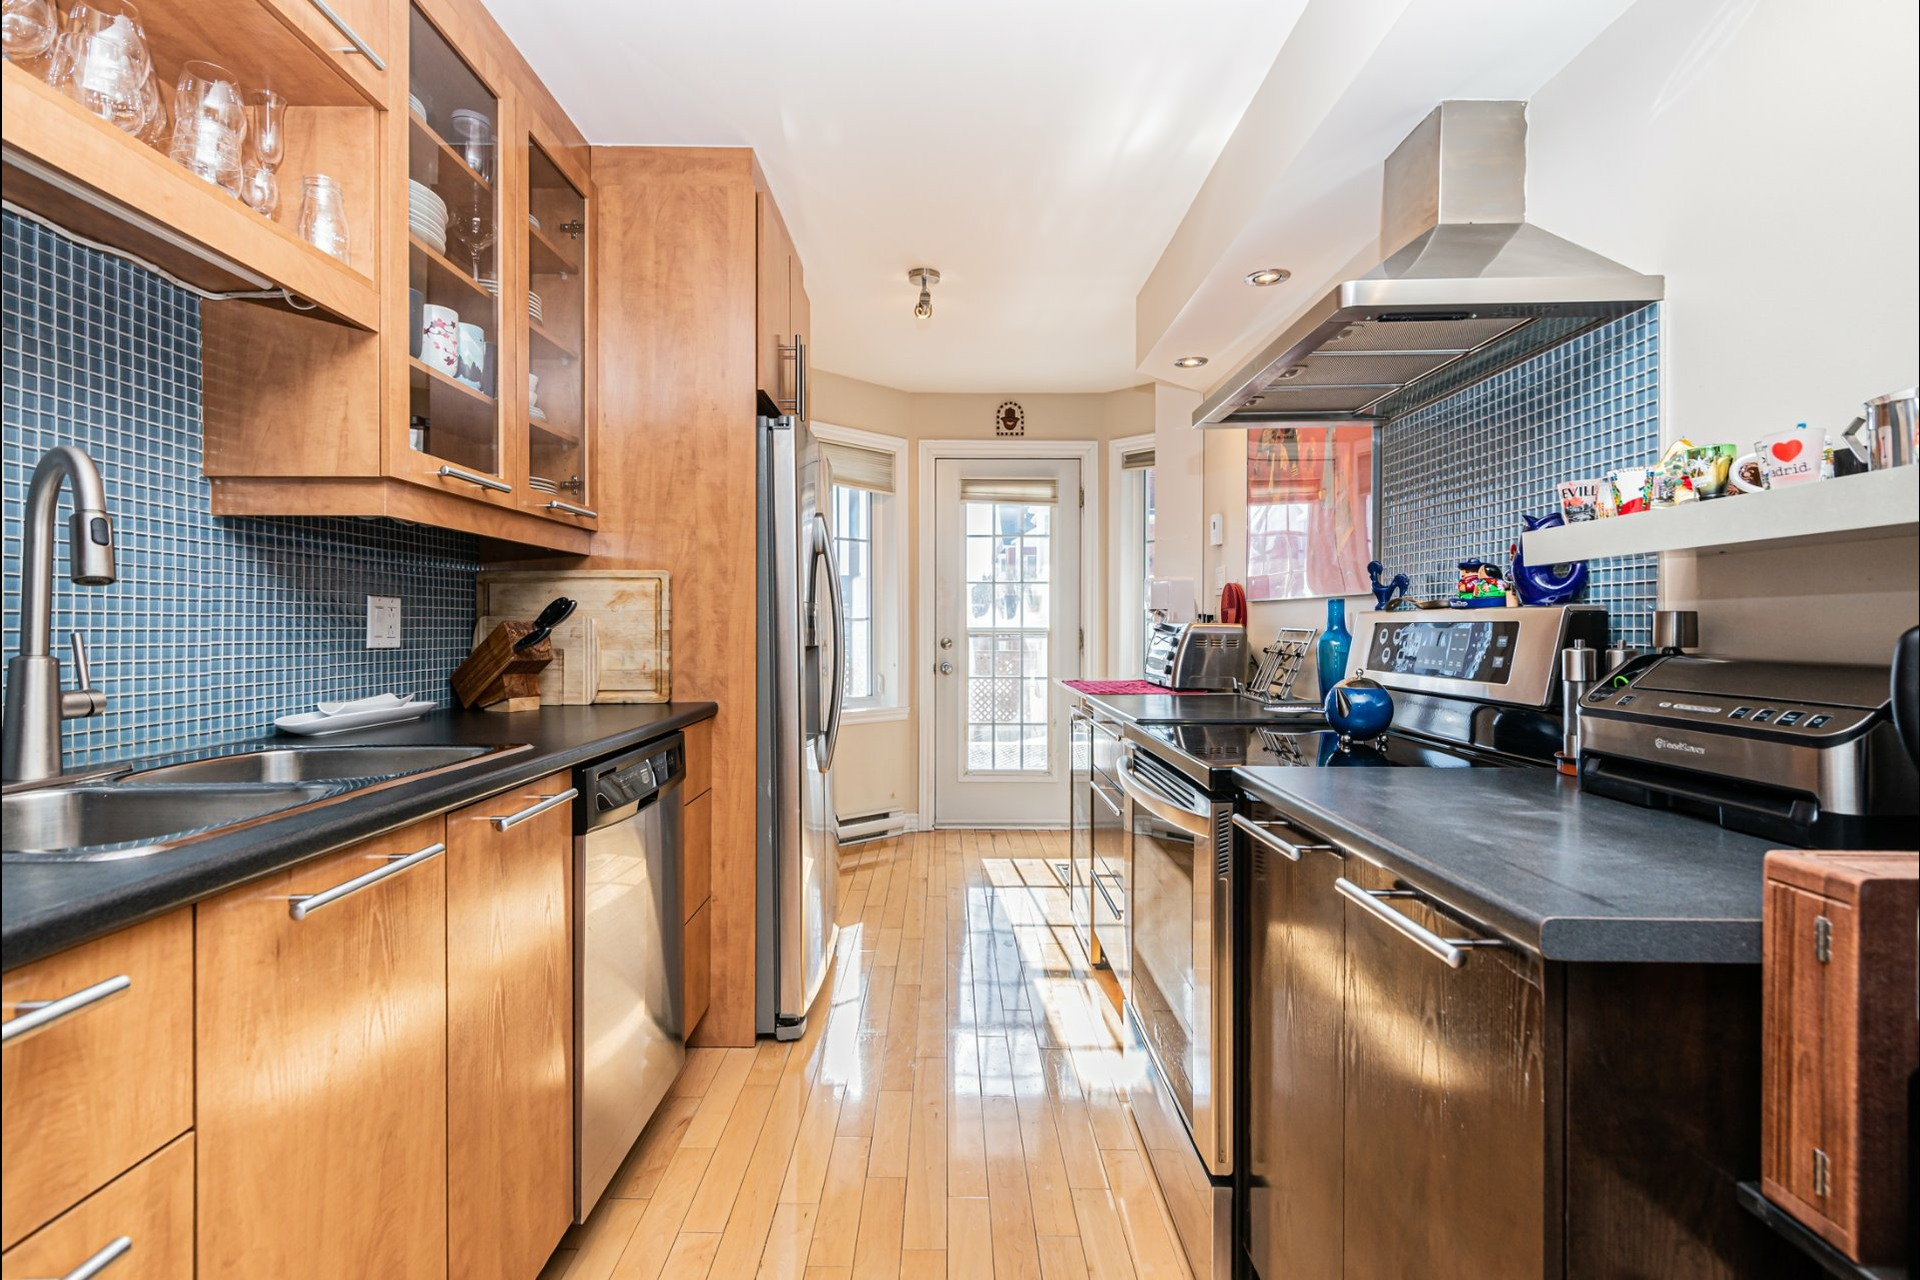 image 6 - Apartment For sale Saint-Laurent Montréal  - 4 rooms